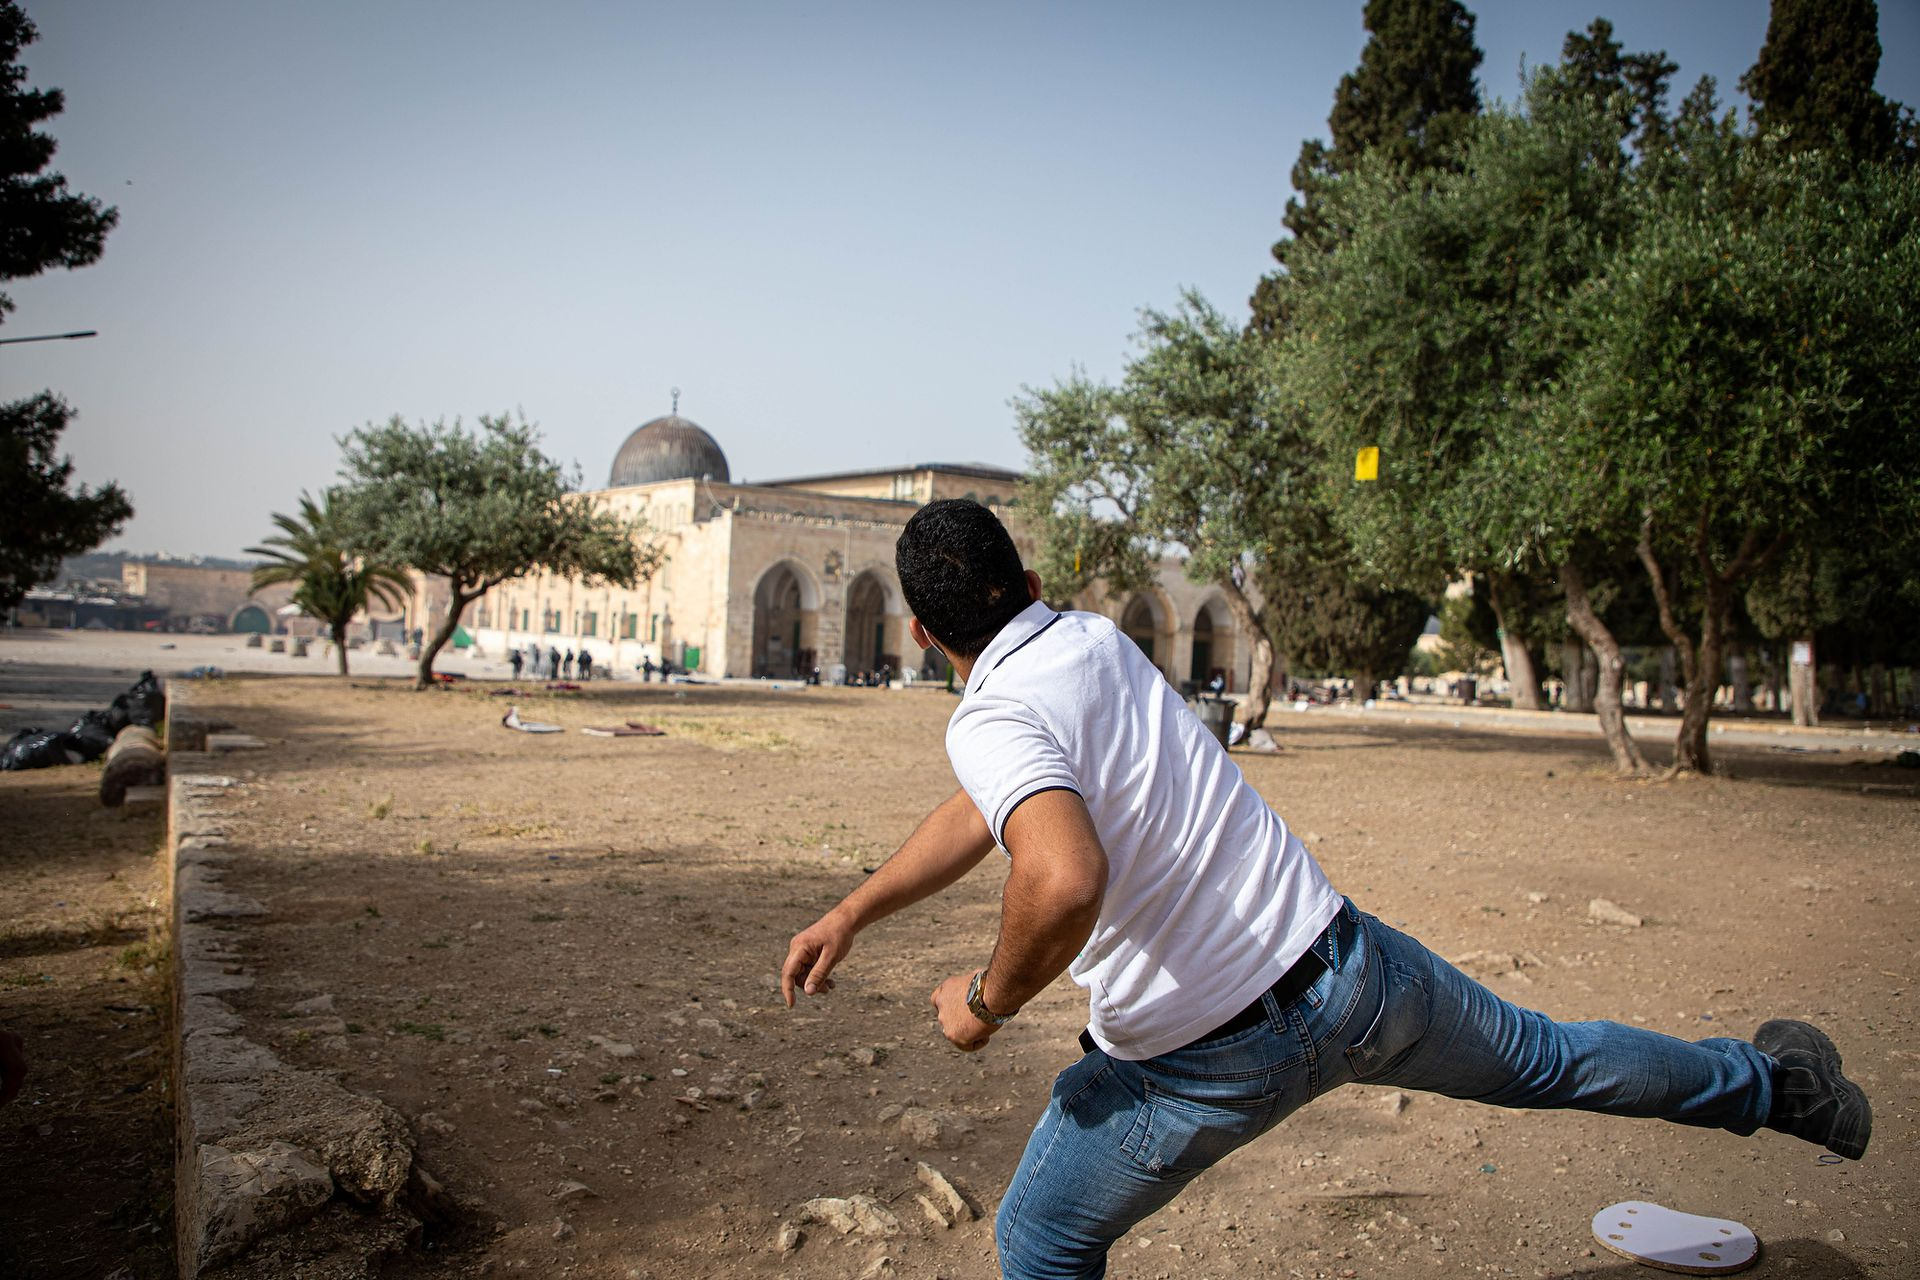 Un palestino lanza una piedra contra la policía israelí que utiliza gas lacrimógeno, balas de goma y granadas de aturdimiento para dispersar manifestantes palestinos que custodiaban la Mezquita de Al-Aqsa, Jerusalén